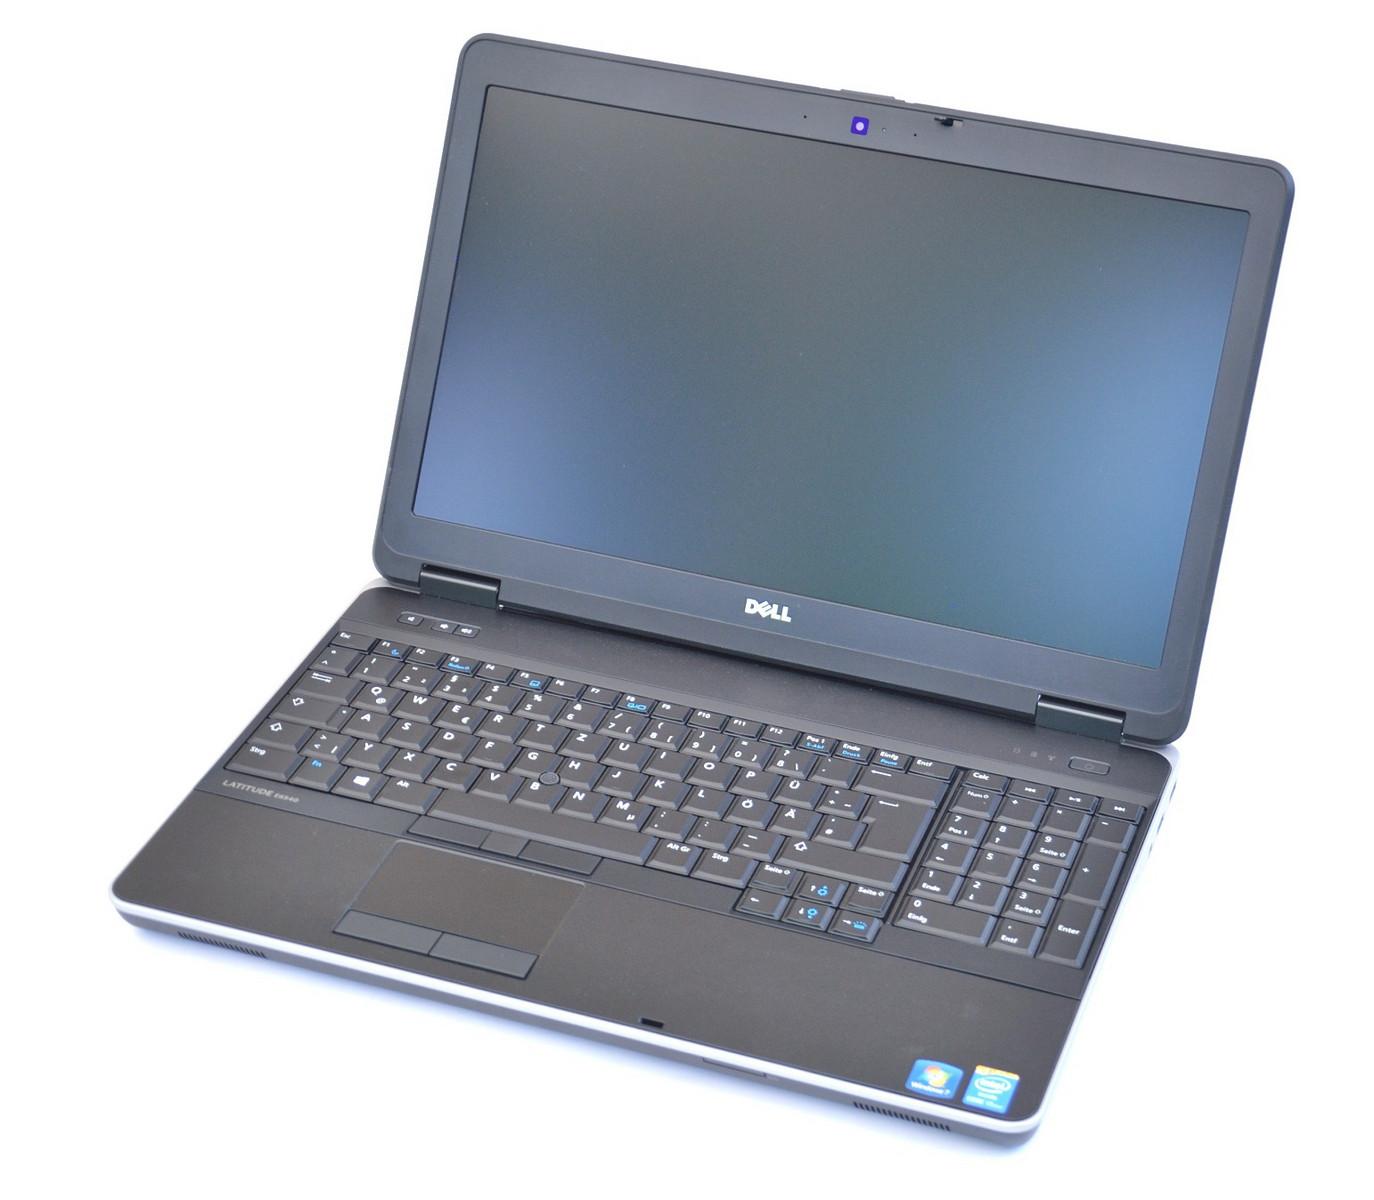 Dell Latitude E6540 FHD HD 8790M